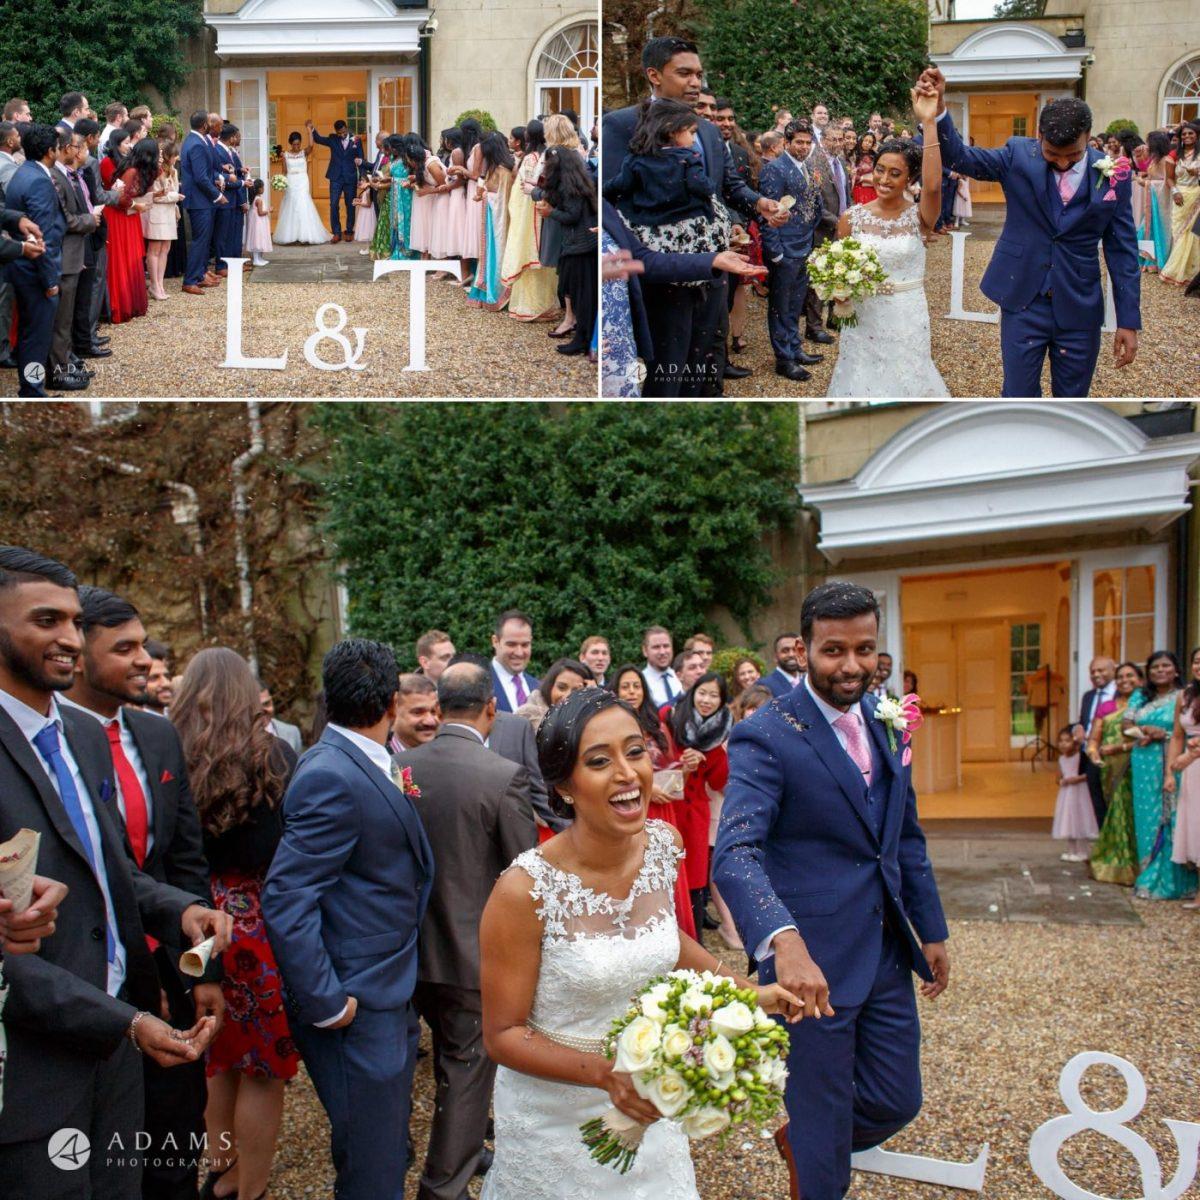 Northbrook Park Wedding Photography | Twa + Len 17